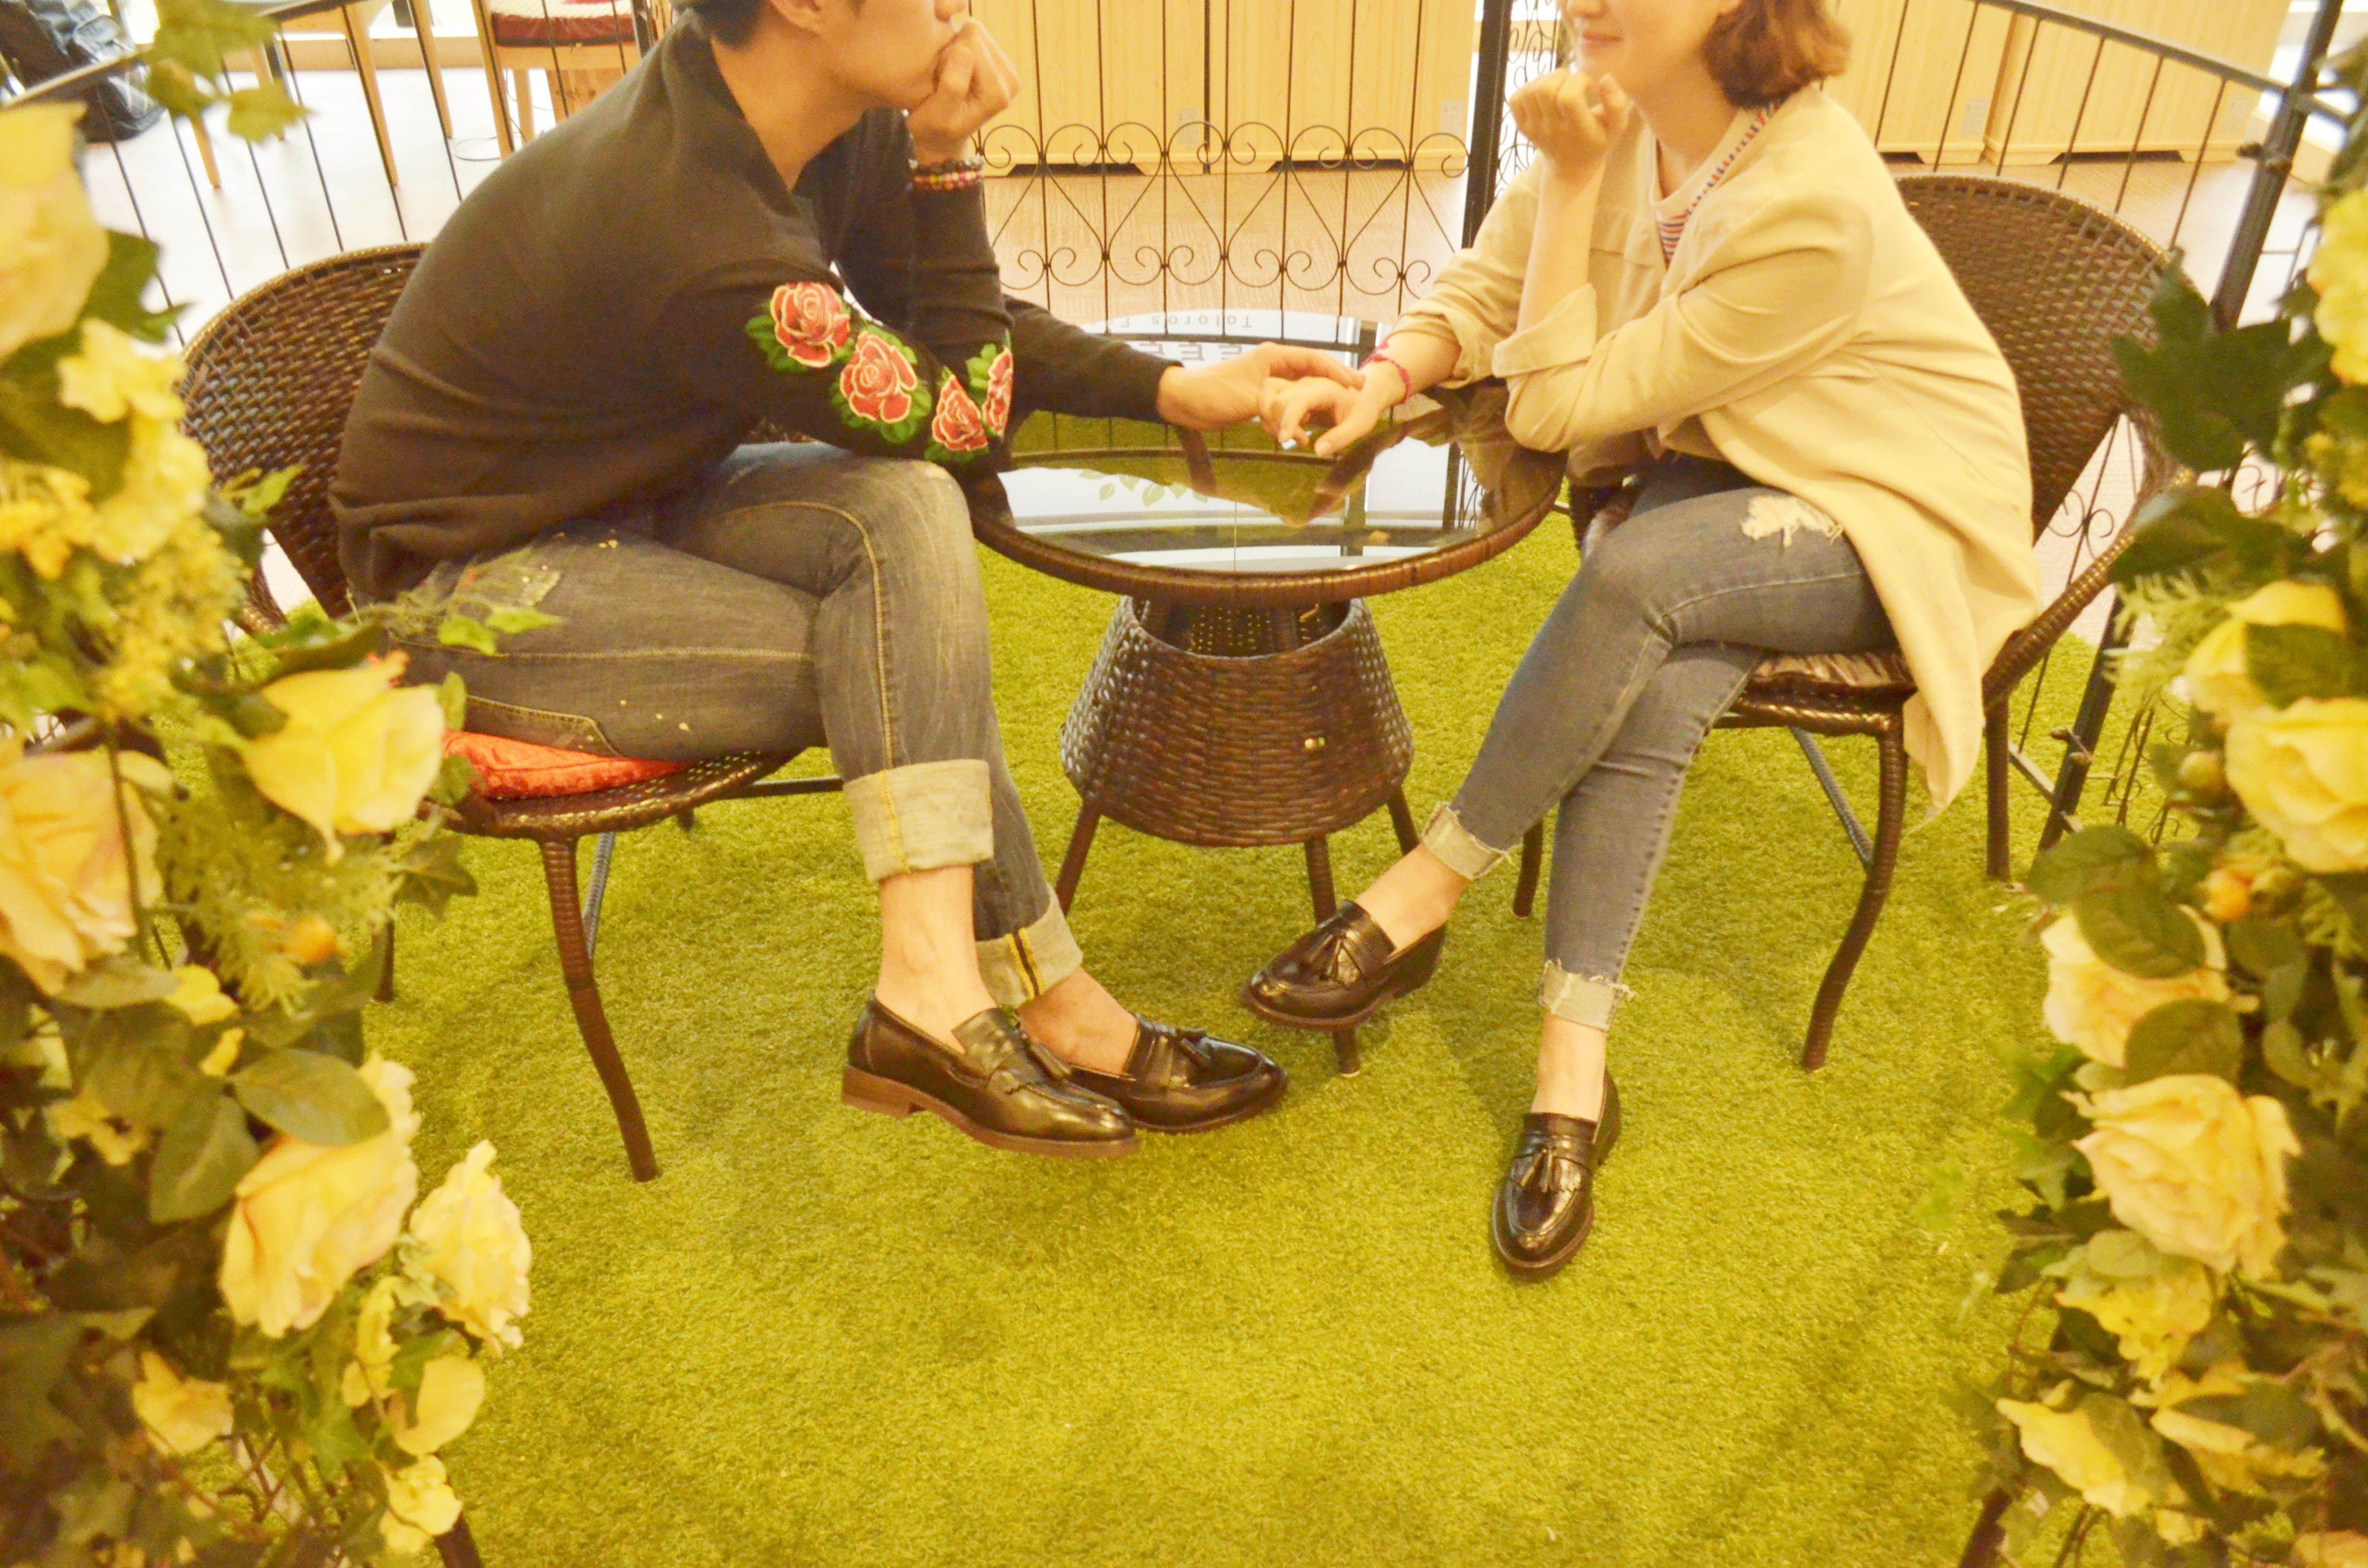 #손신발 #SONSHINBAL #MENSHOES #FASHION #HANDMADE #handmadeshoes #tasselloafer #slipon #chelseaboots #boots #desertboots #monkstrap #LOAFER  #womenshoes #shoes #0070-17